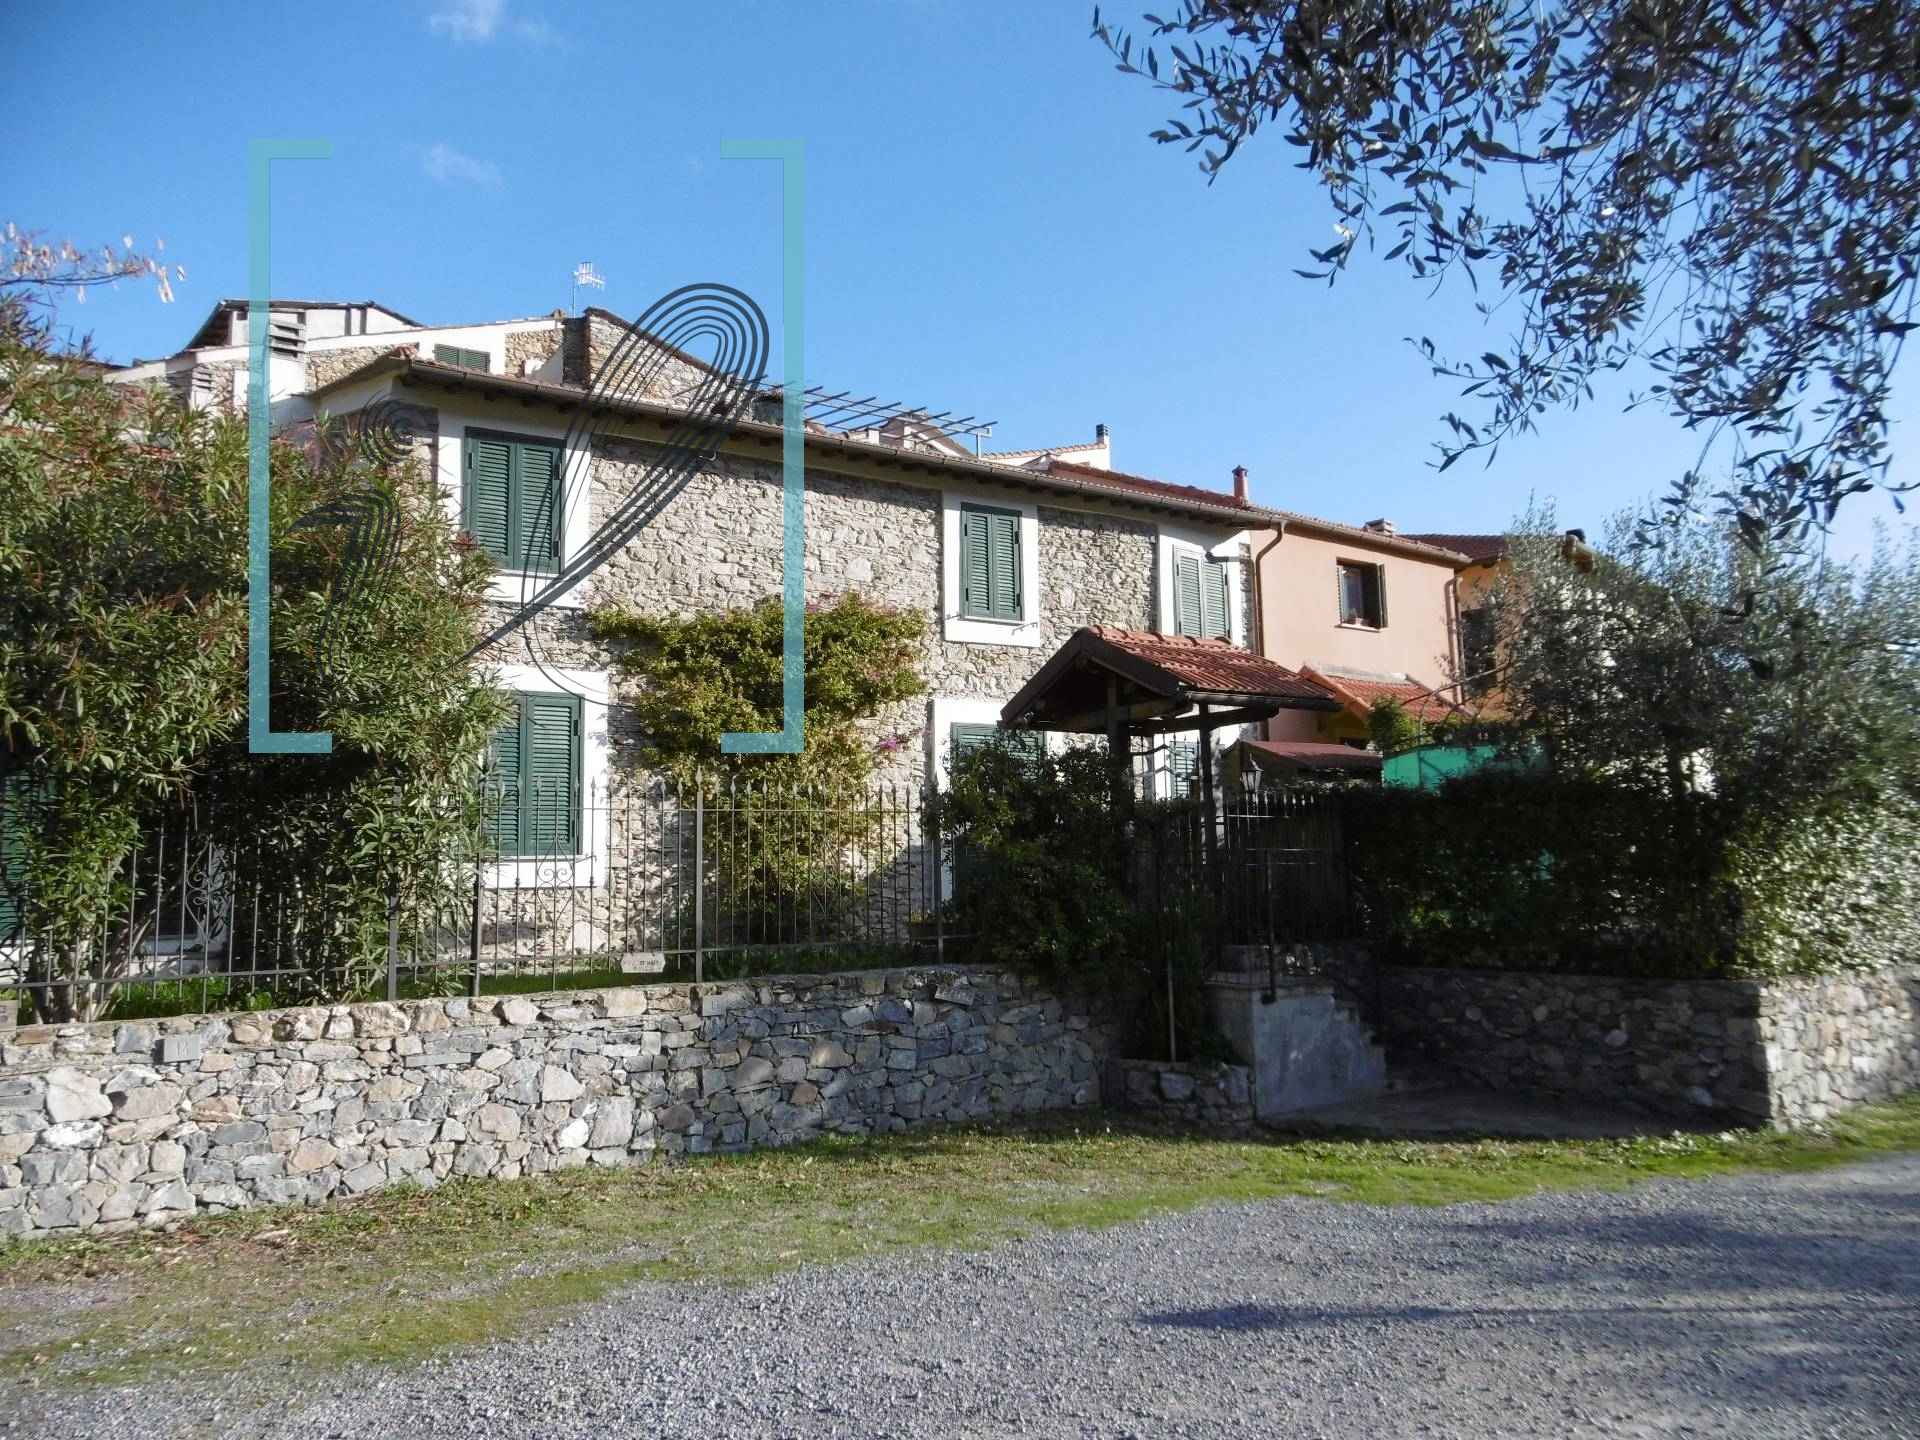 Rustico / Casale in vendita a Ranzo, 2 locali, prezzo € 58.000 | Cambio Casa.it